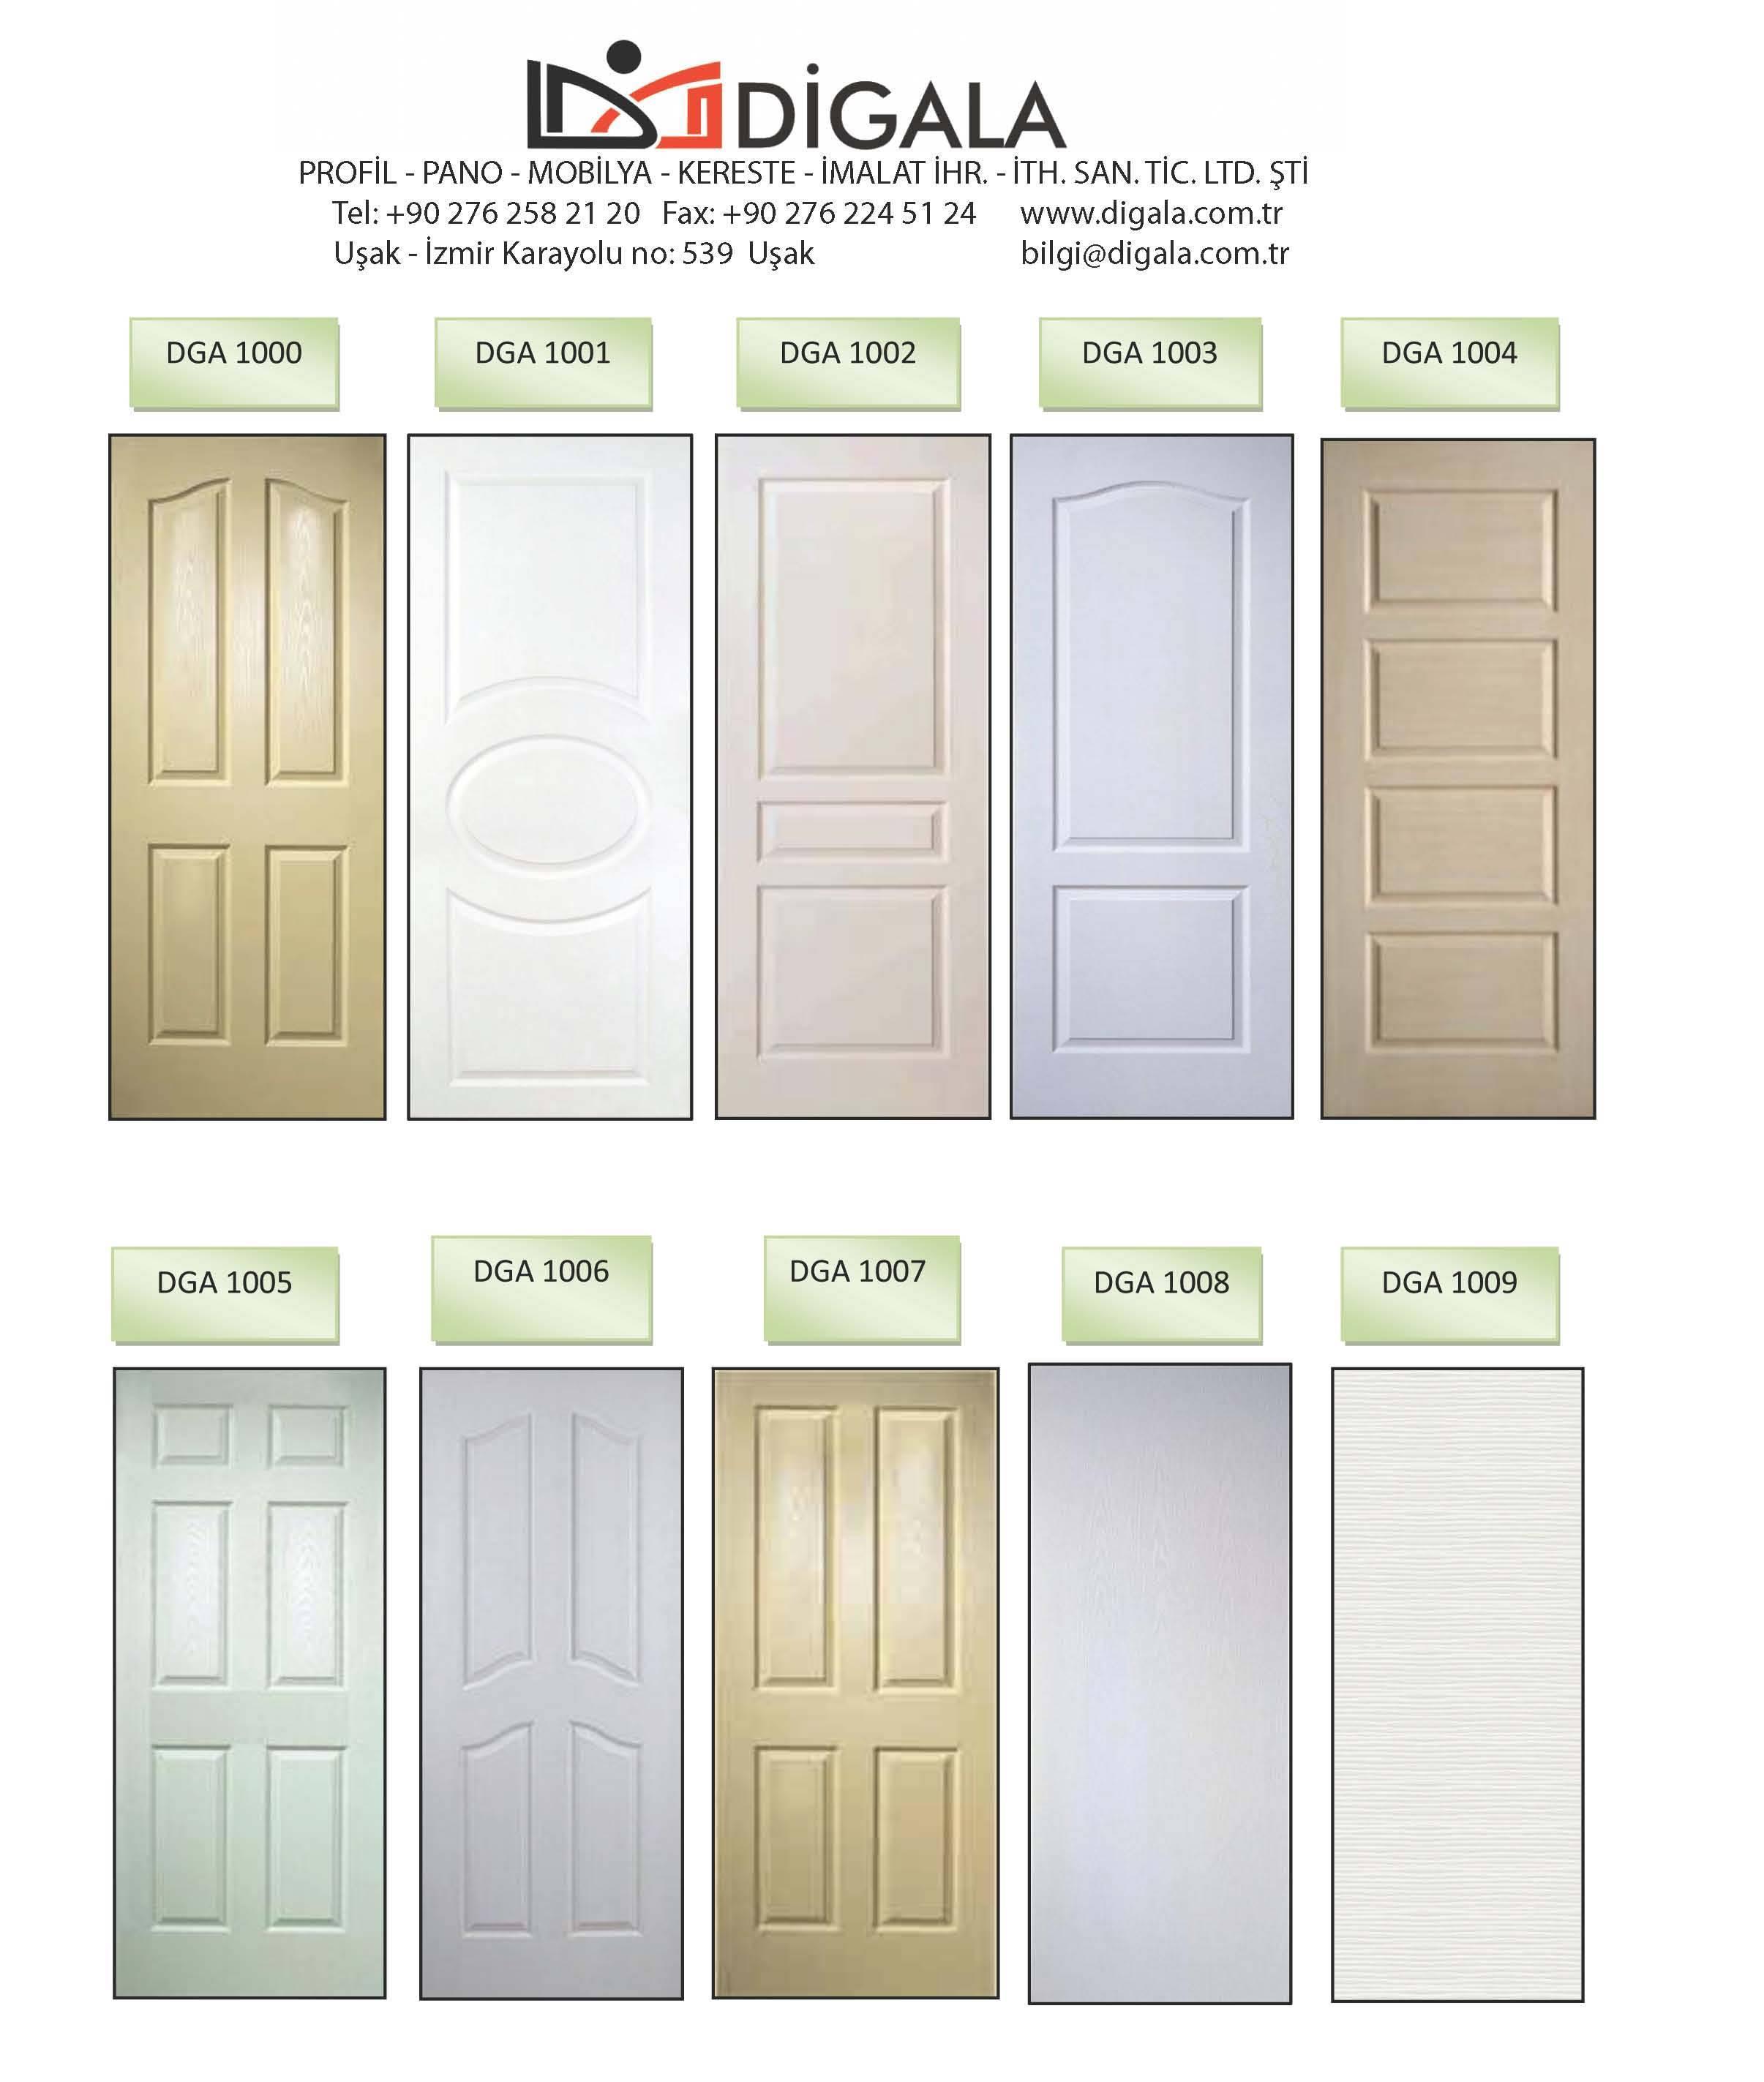 2846 #B92612 American Panel Doors DIGALA PROFIL SAN. TIC. LTD. STI picture  sc 1 th 244 & American Doors Examples Ideas u0026 Pictures | megarct.com Just ... pezcame.com